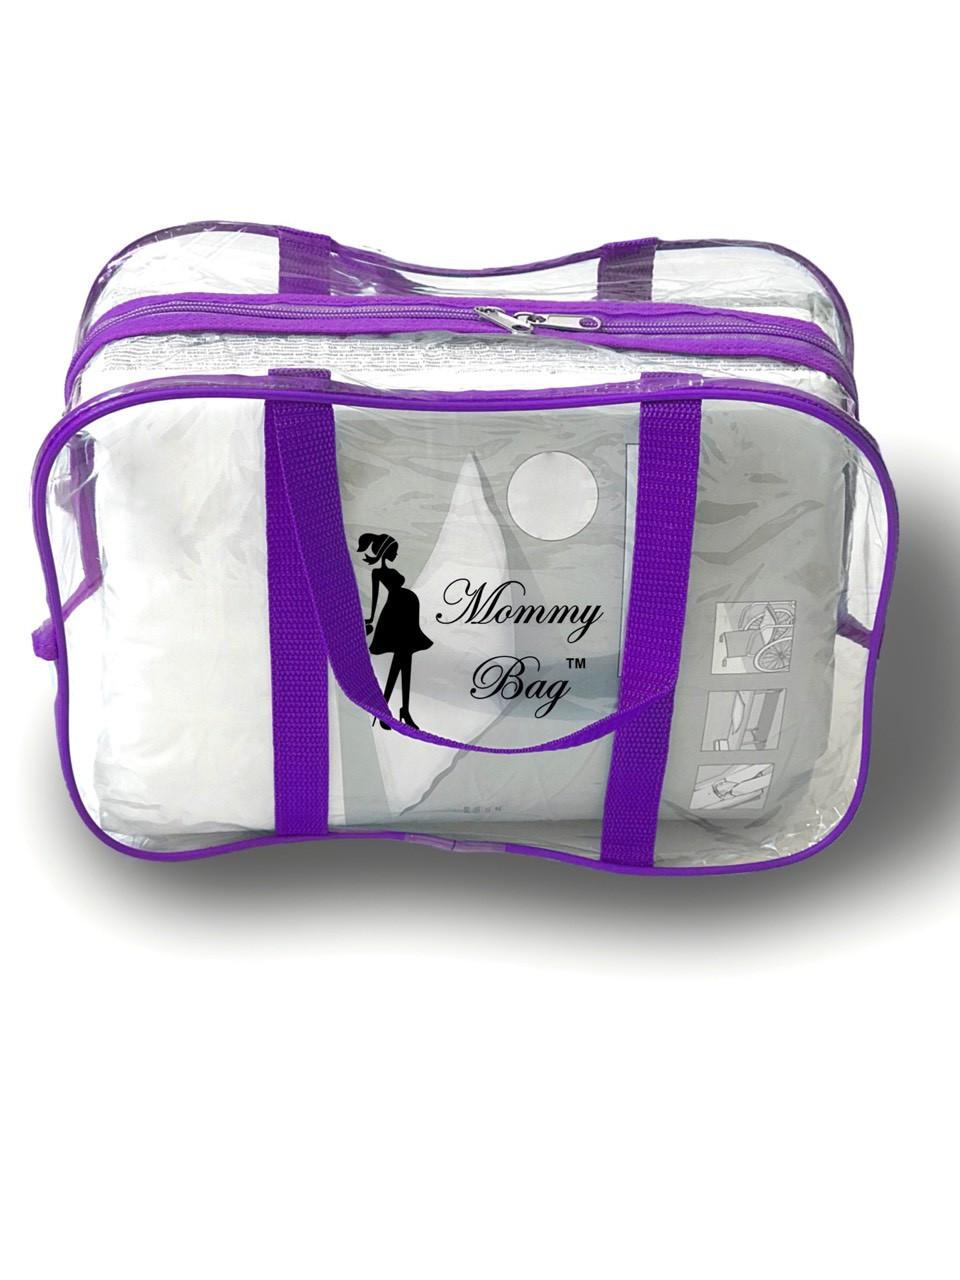 Сумка прозрачная в роддом Mommy Bag - S - 31*21*14 см Фиолетовая